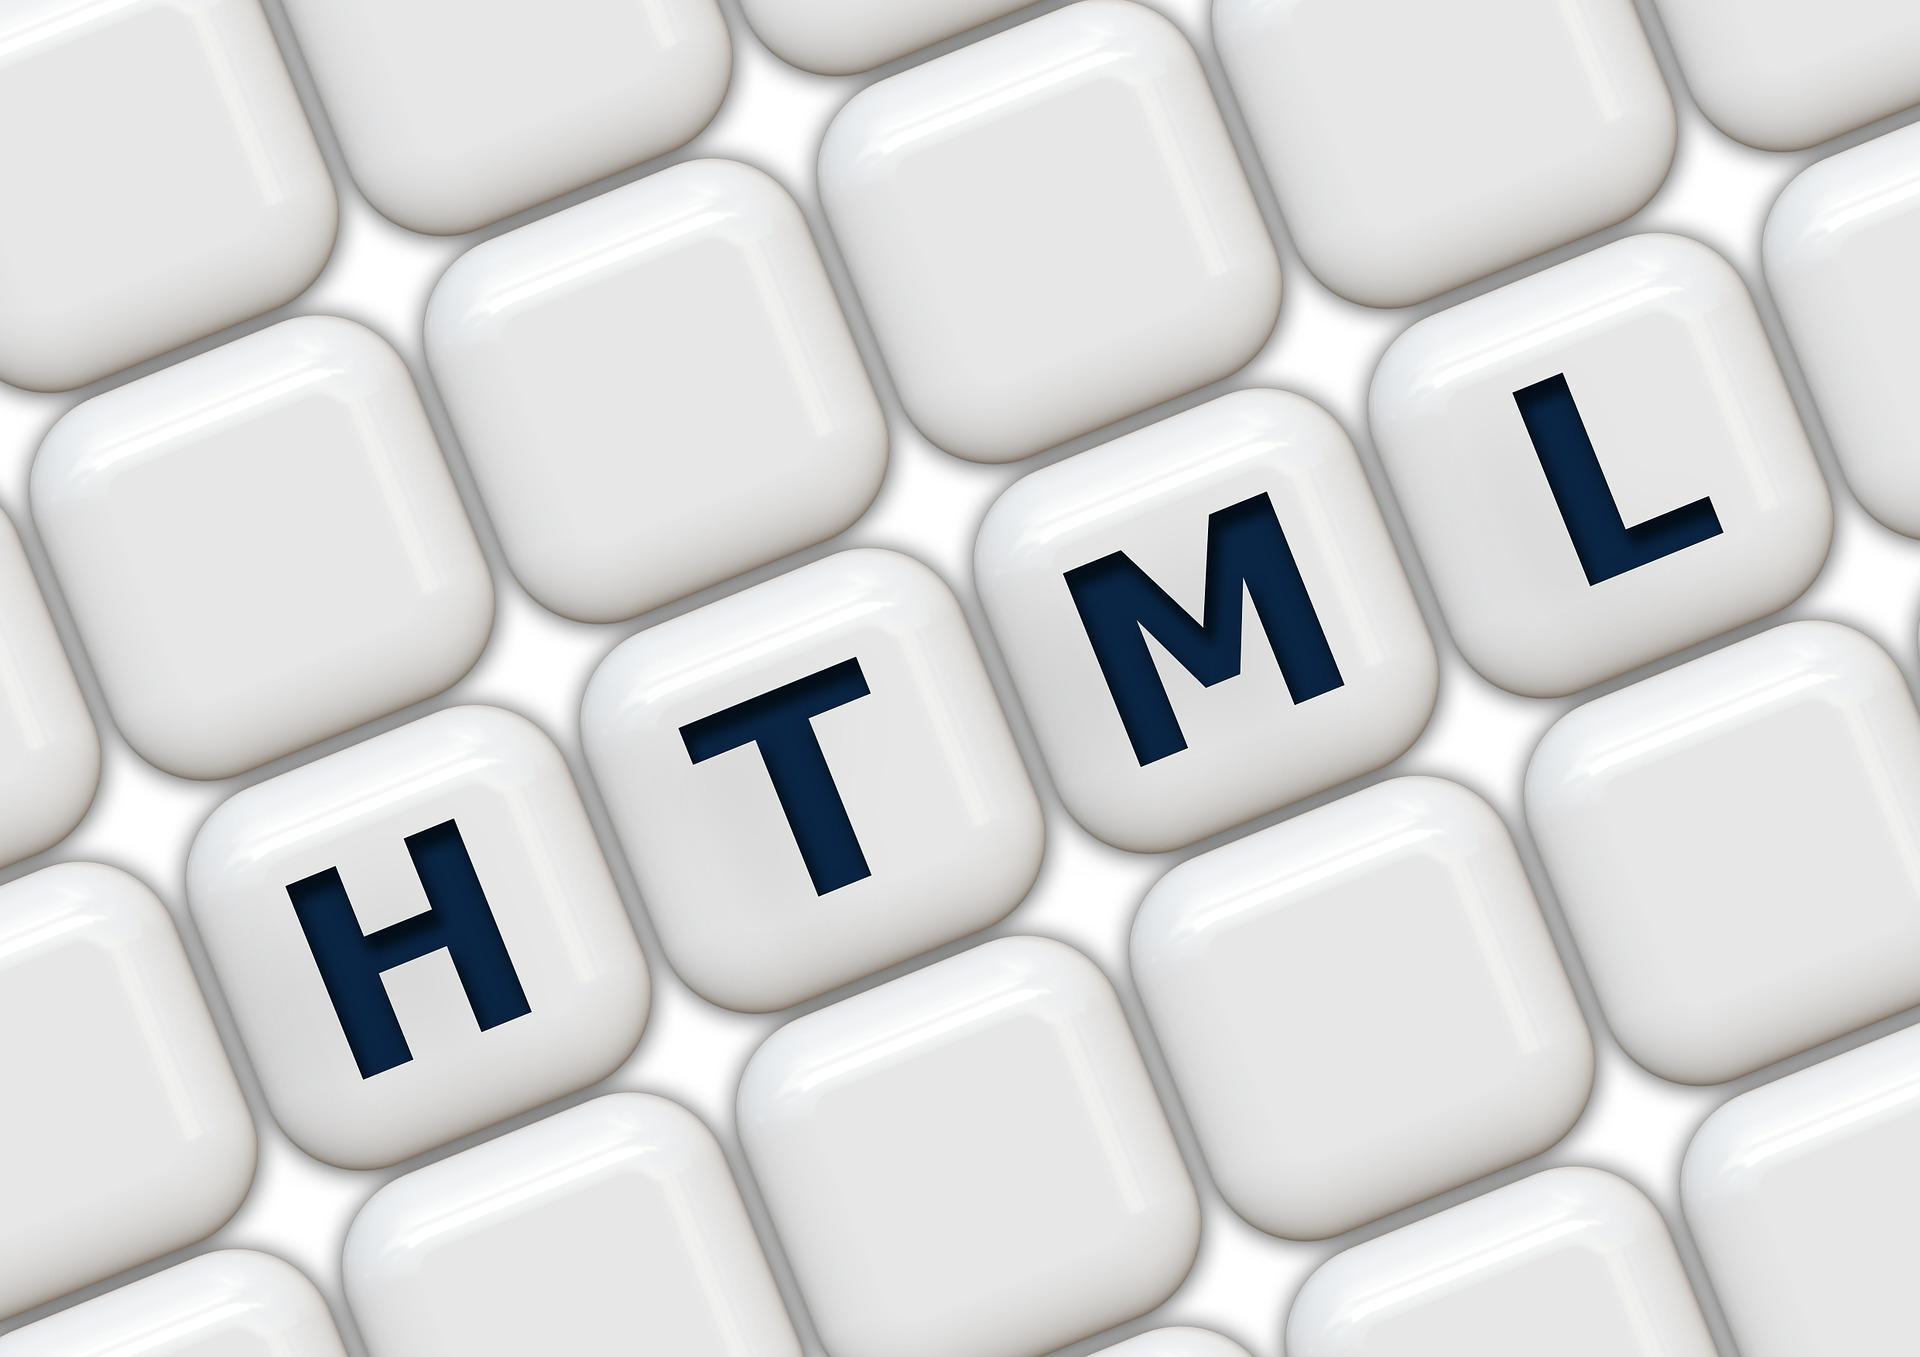 轉職前端工程師的 HTML5 入門課程(三)-7個內容模組Content Models簡介